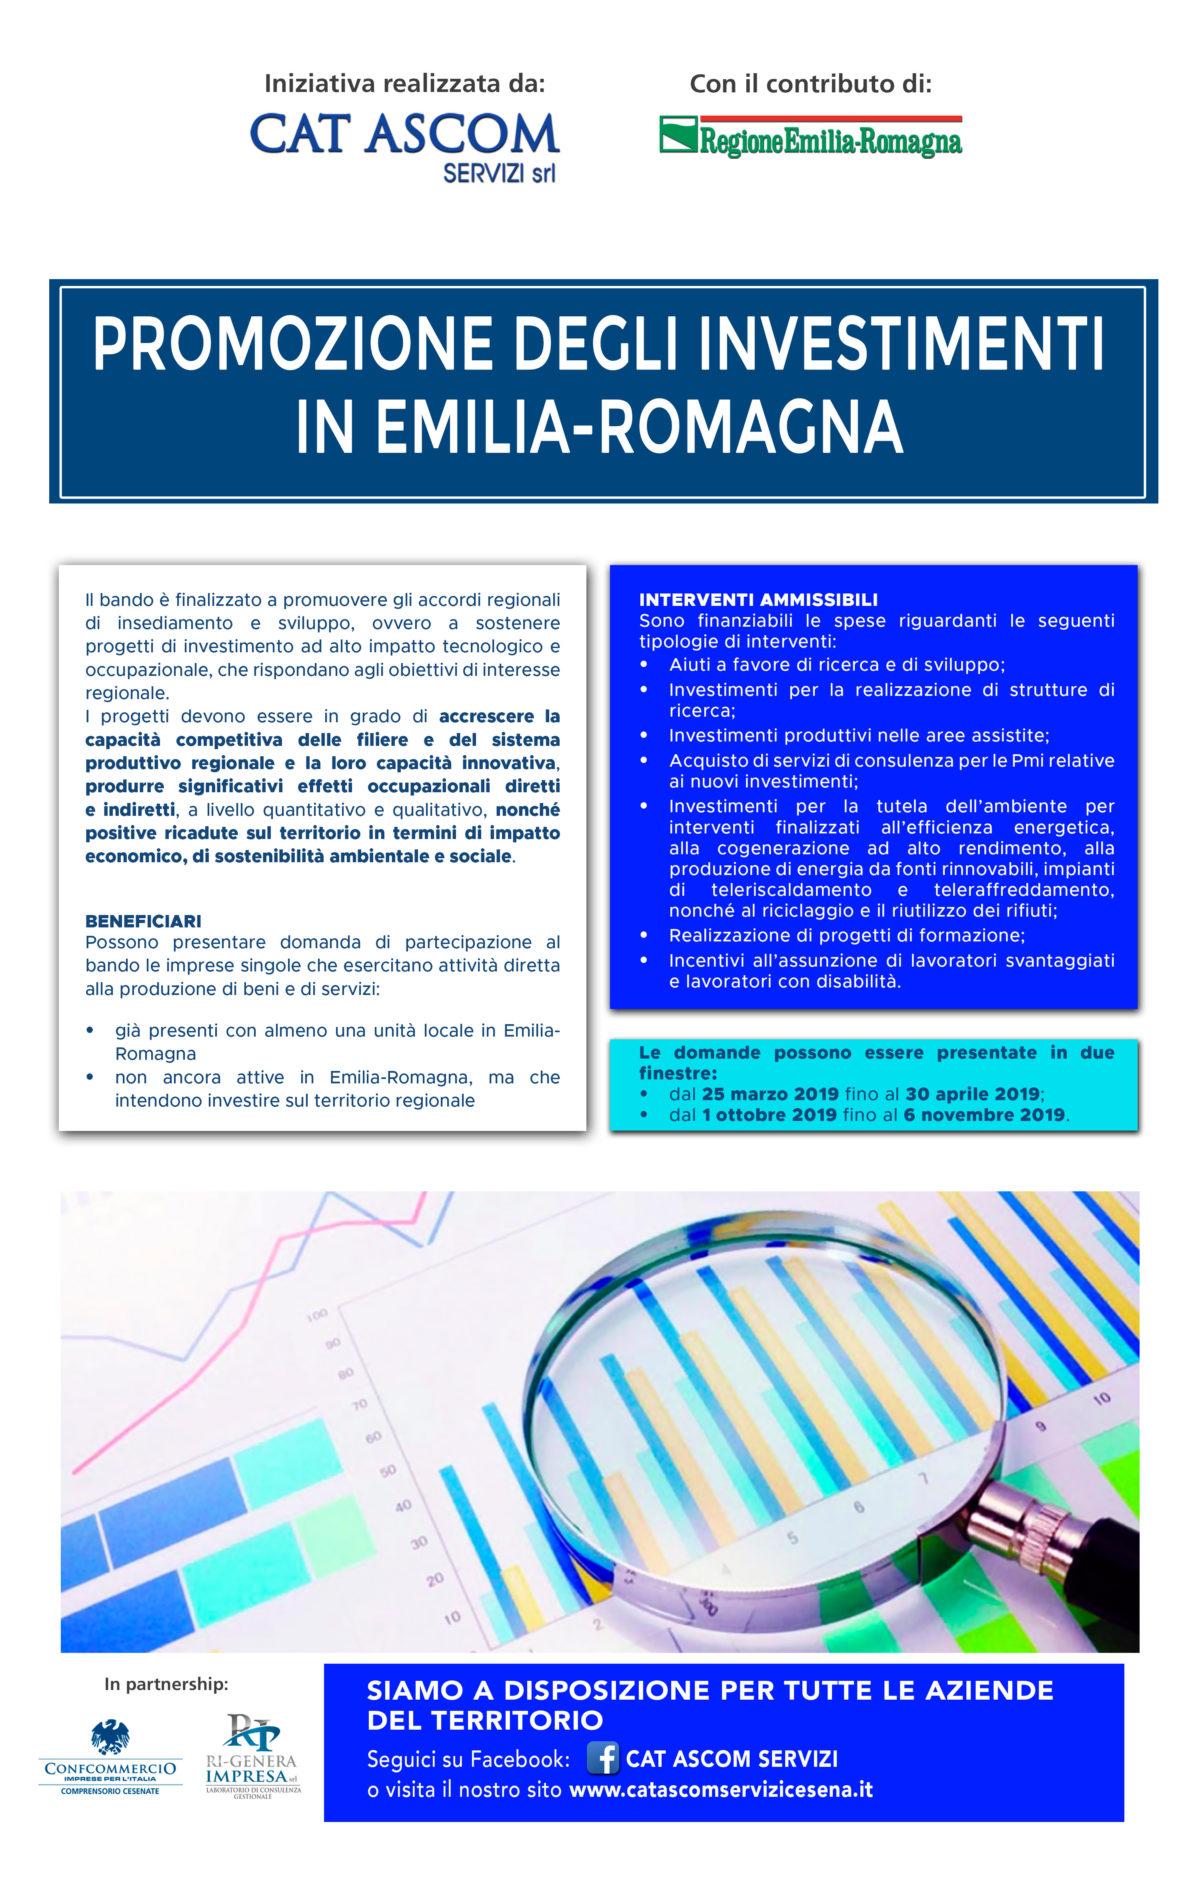 PROMOZIONE DEGLI INVESTIMENTI IN EMILIA-ROMAGNA